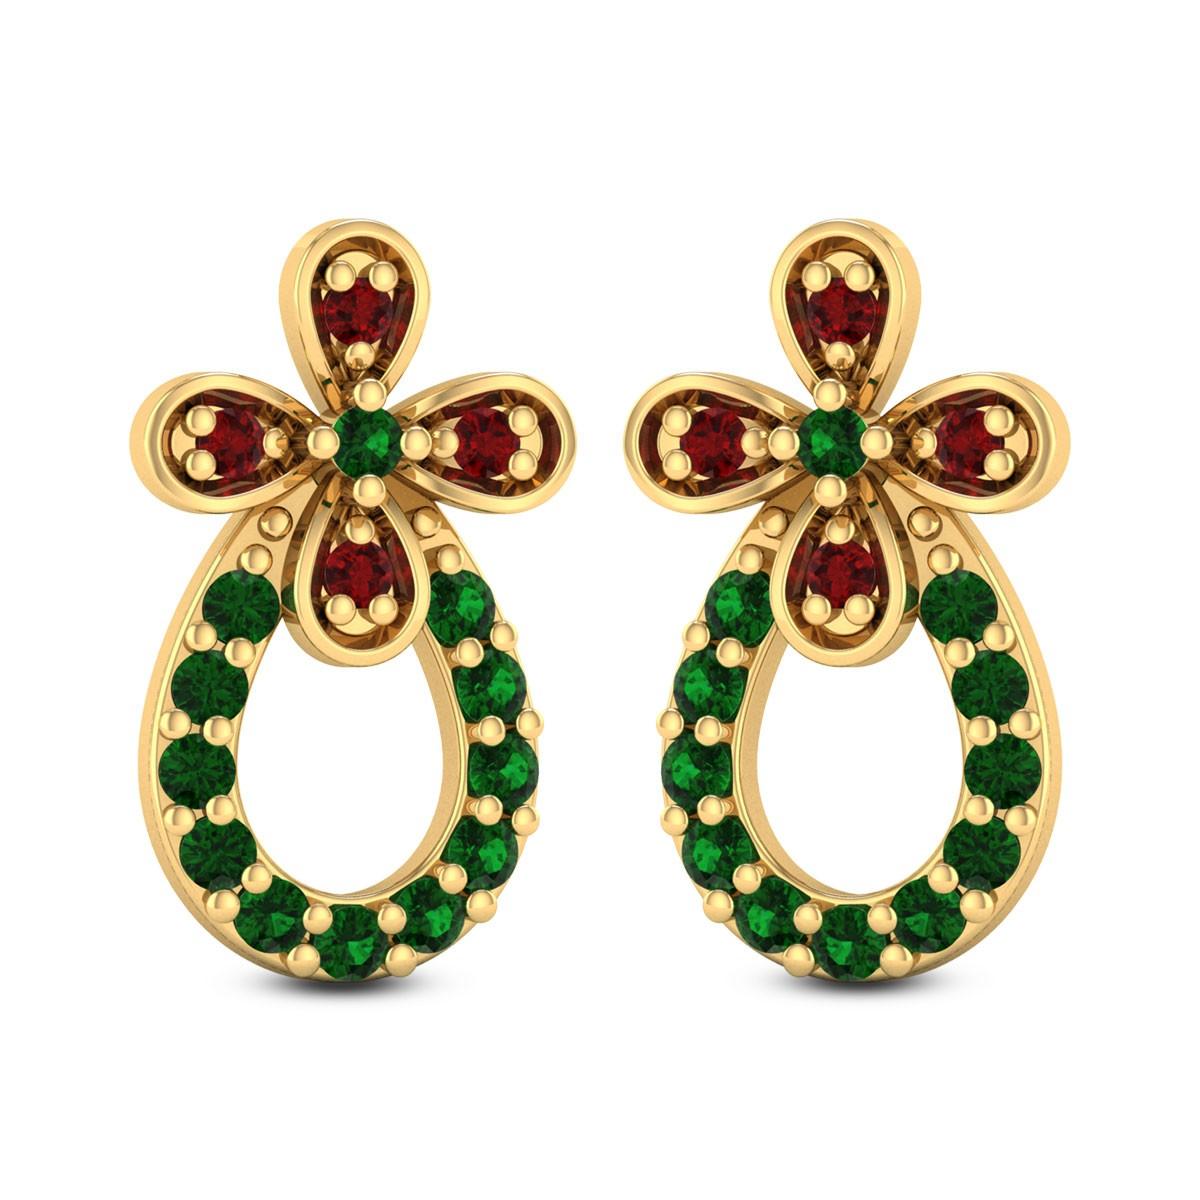 Phelanopsis Stud Earrings